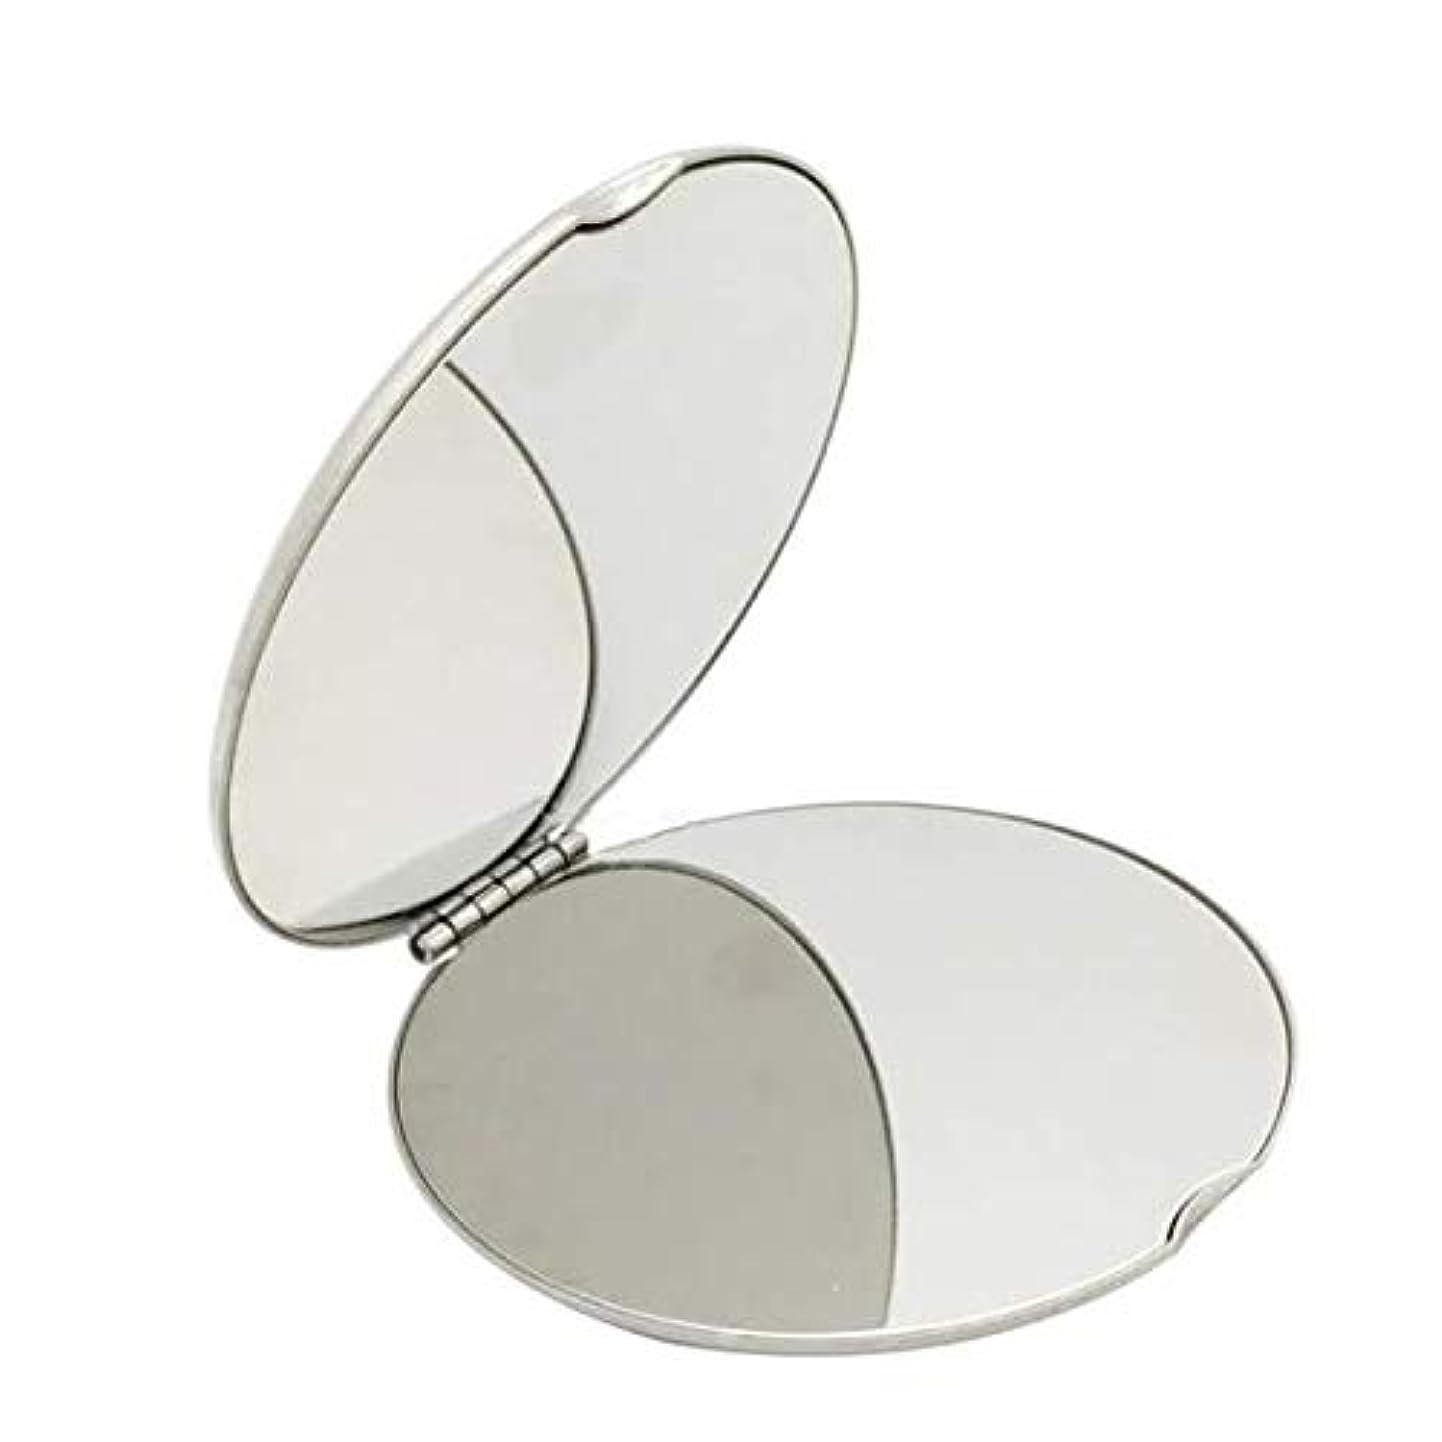 鮮やかな着る前投薬飛散防止化粧鏡ステンレス鋼 化粧鏡おすすめ 携帯用ミラー化粧用鏡(ラウンド)